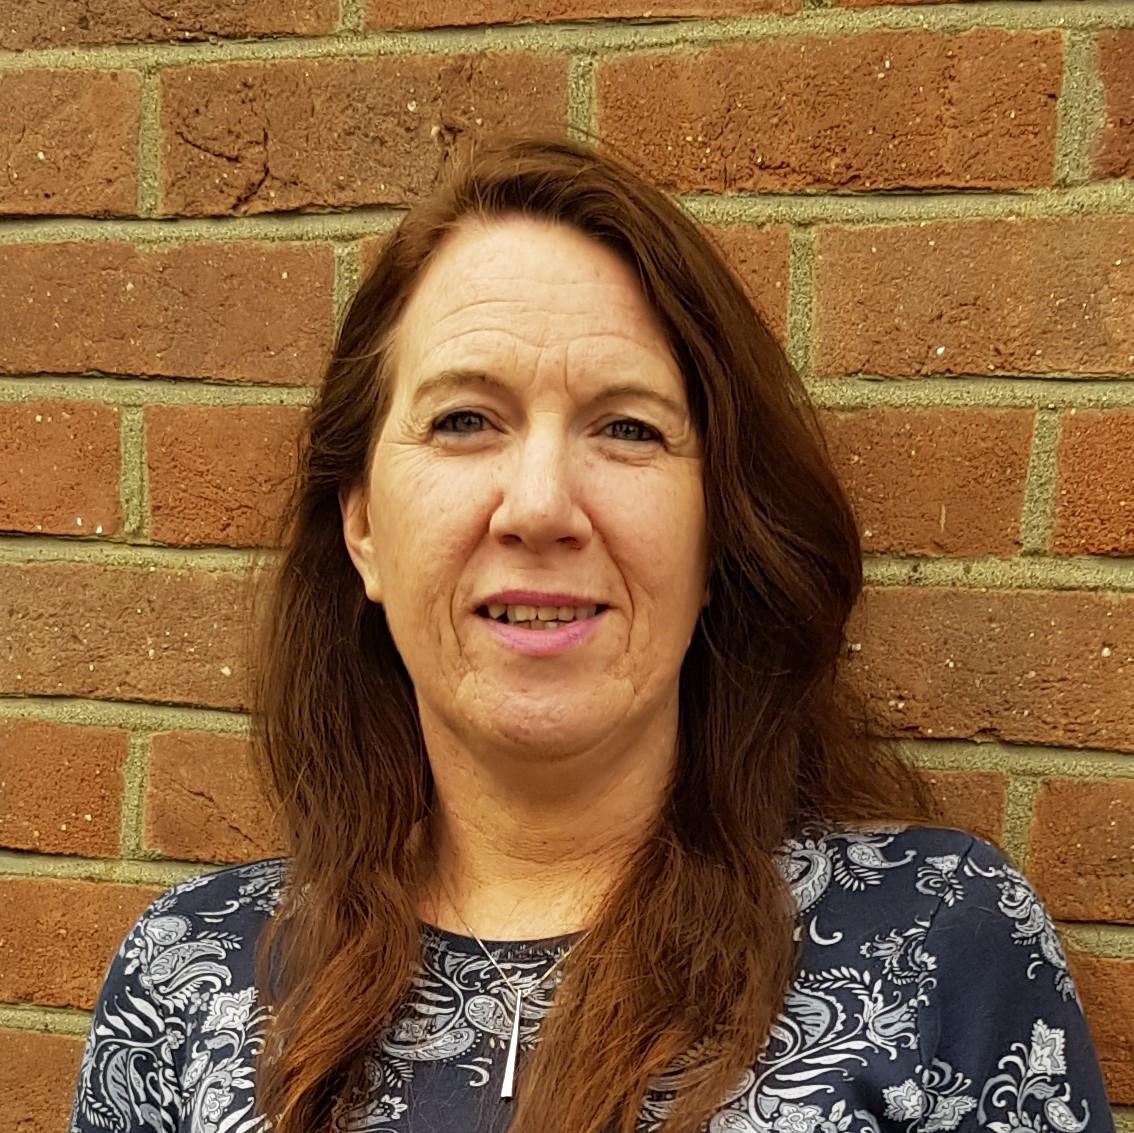 Justine Keel